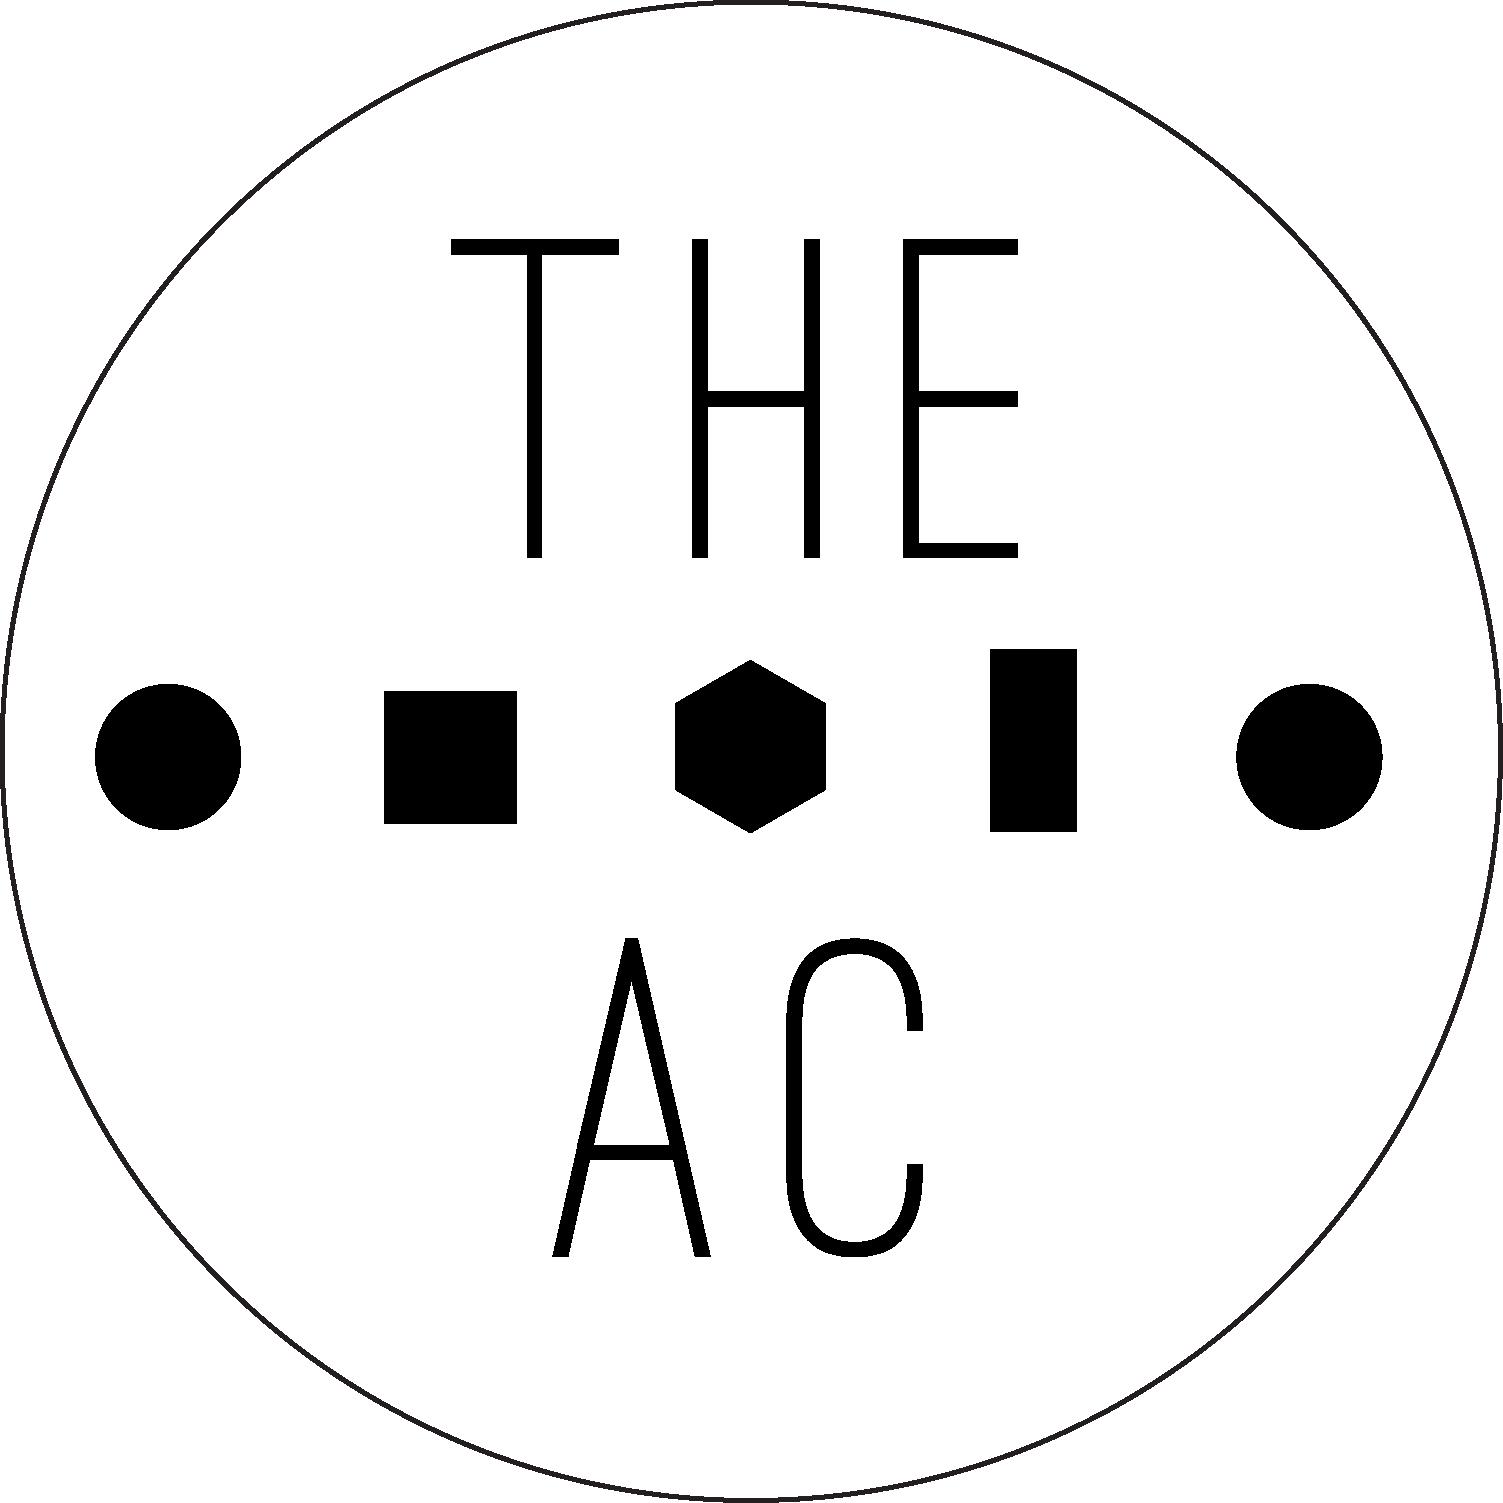 TheAC_socialmedia_logo_round transparent.png